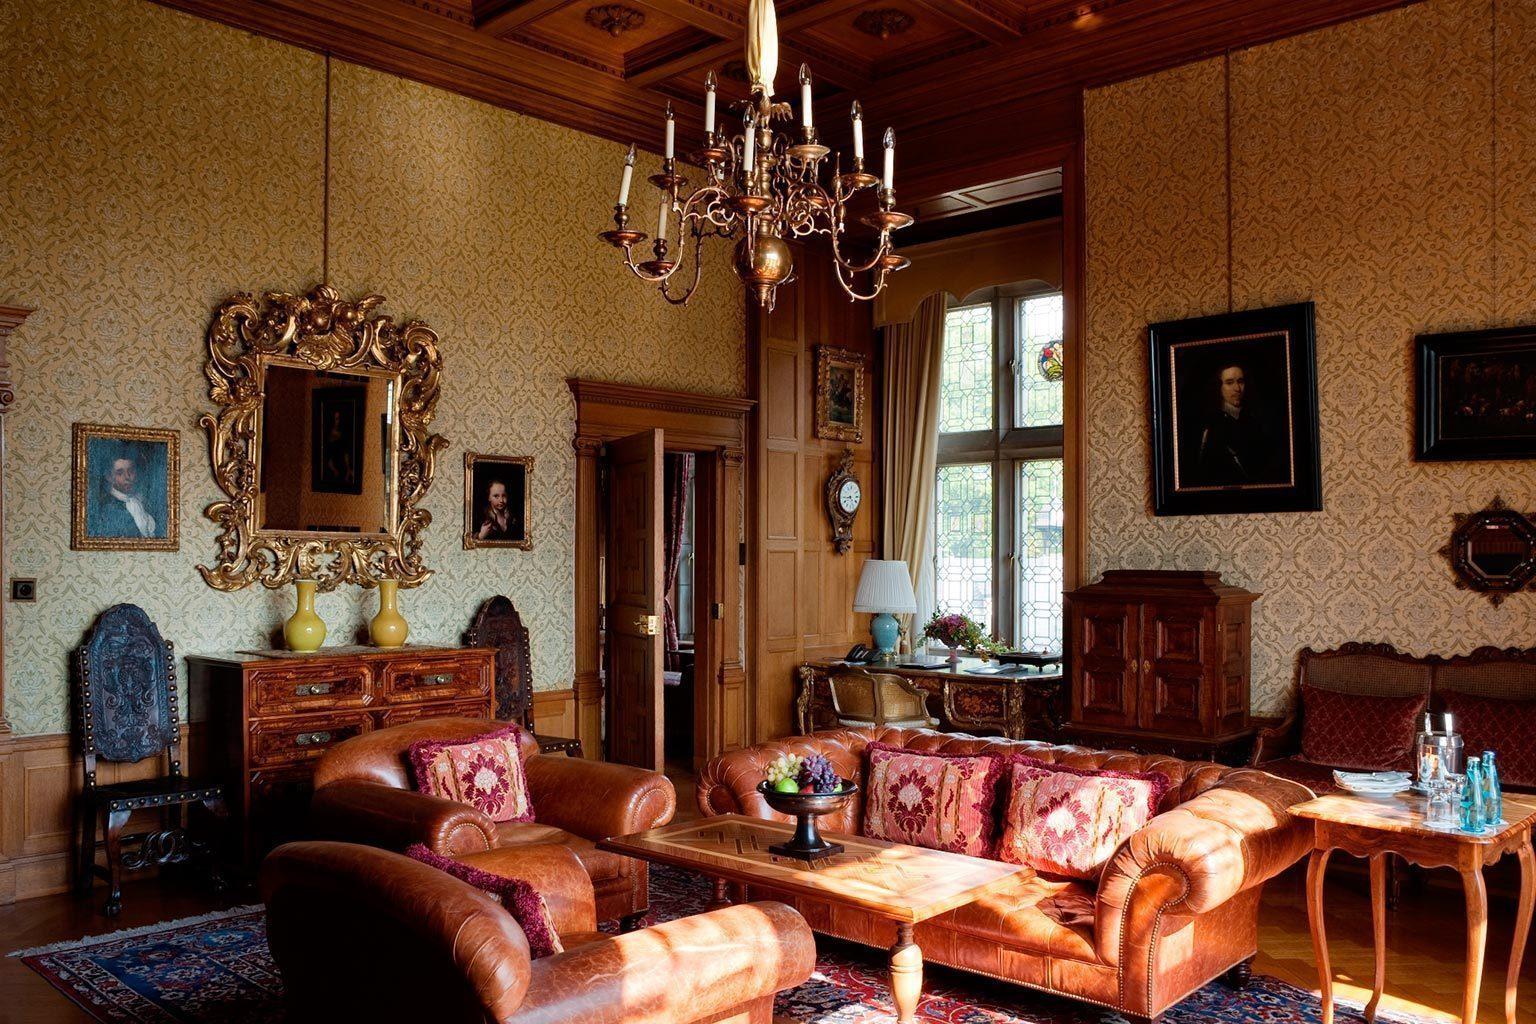 Schlosshotel kronberg luxushotel bei designreisen for Design hotel taunus